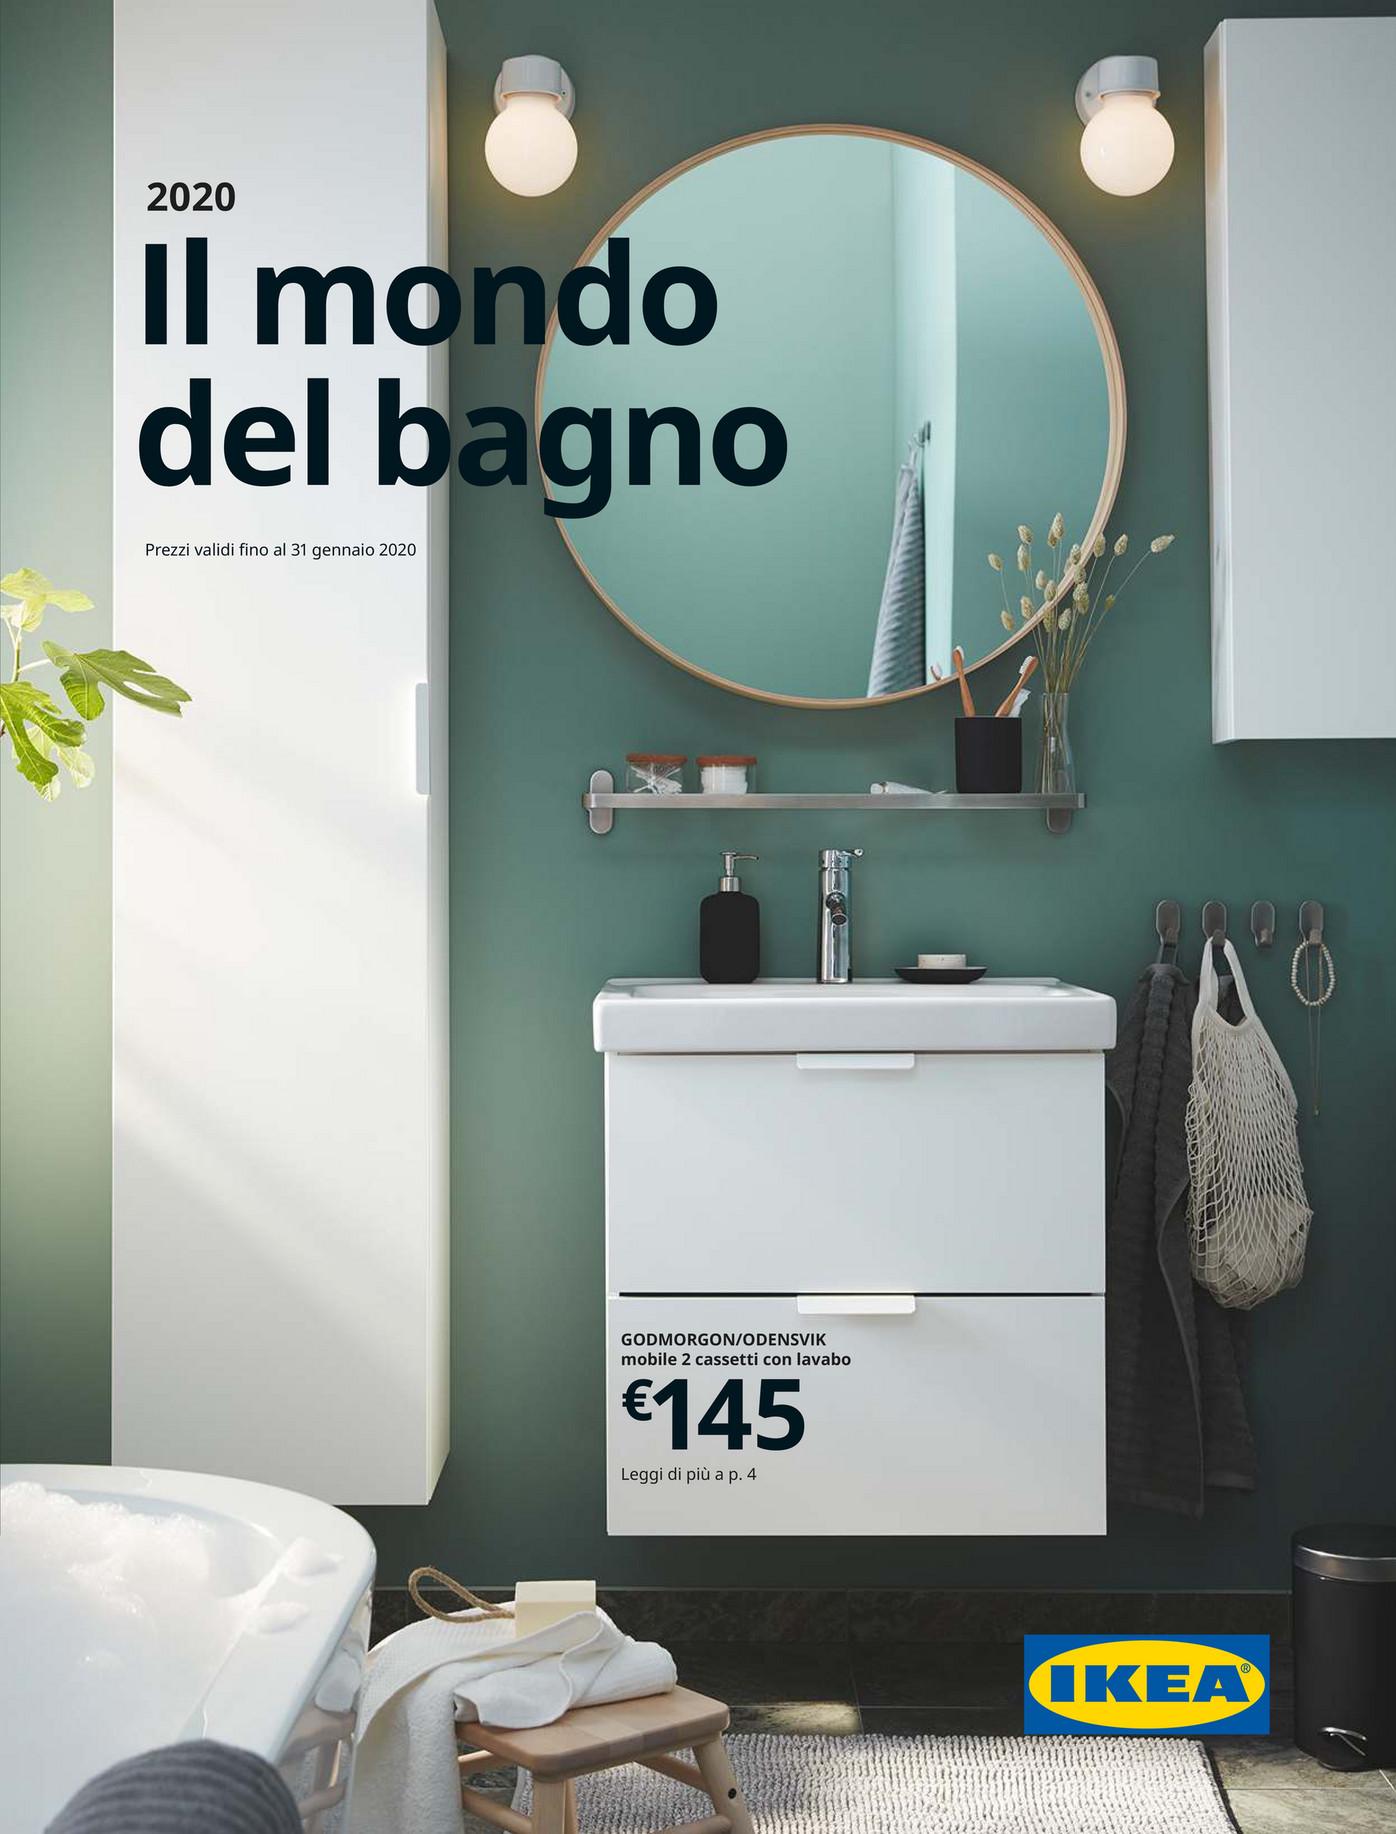 Mobile Bagno Ikea Immagini cerca volantino offerte - ikea bagno - pagina 4